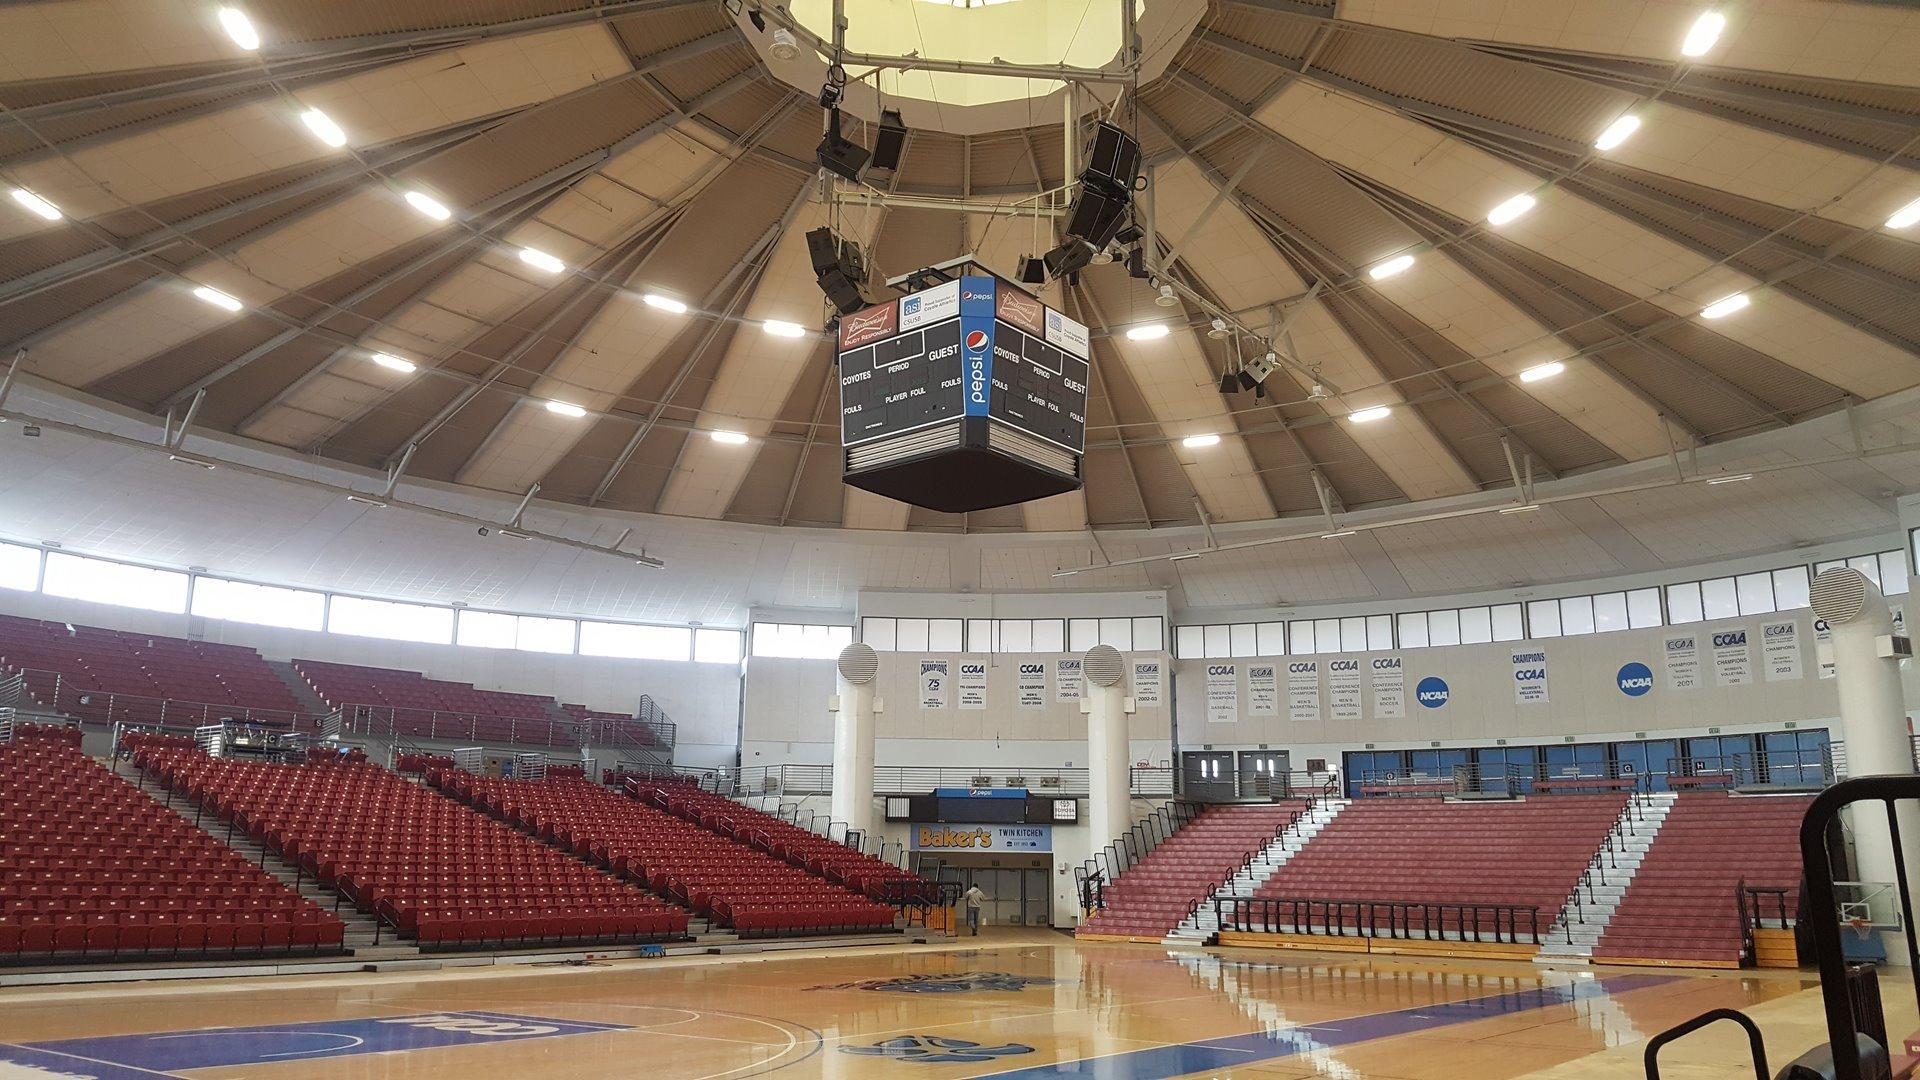 Cossoulis Arena, Cal State, San Fernando, CA